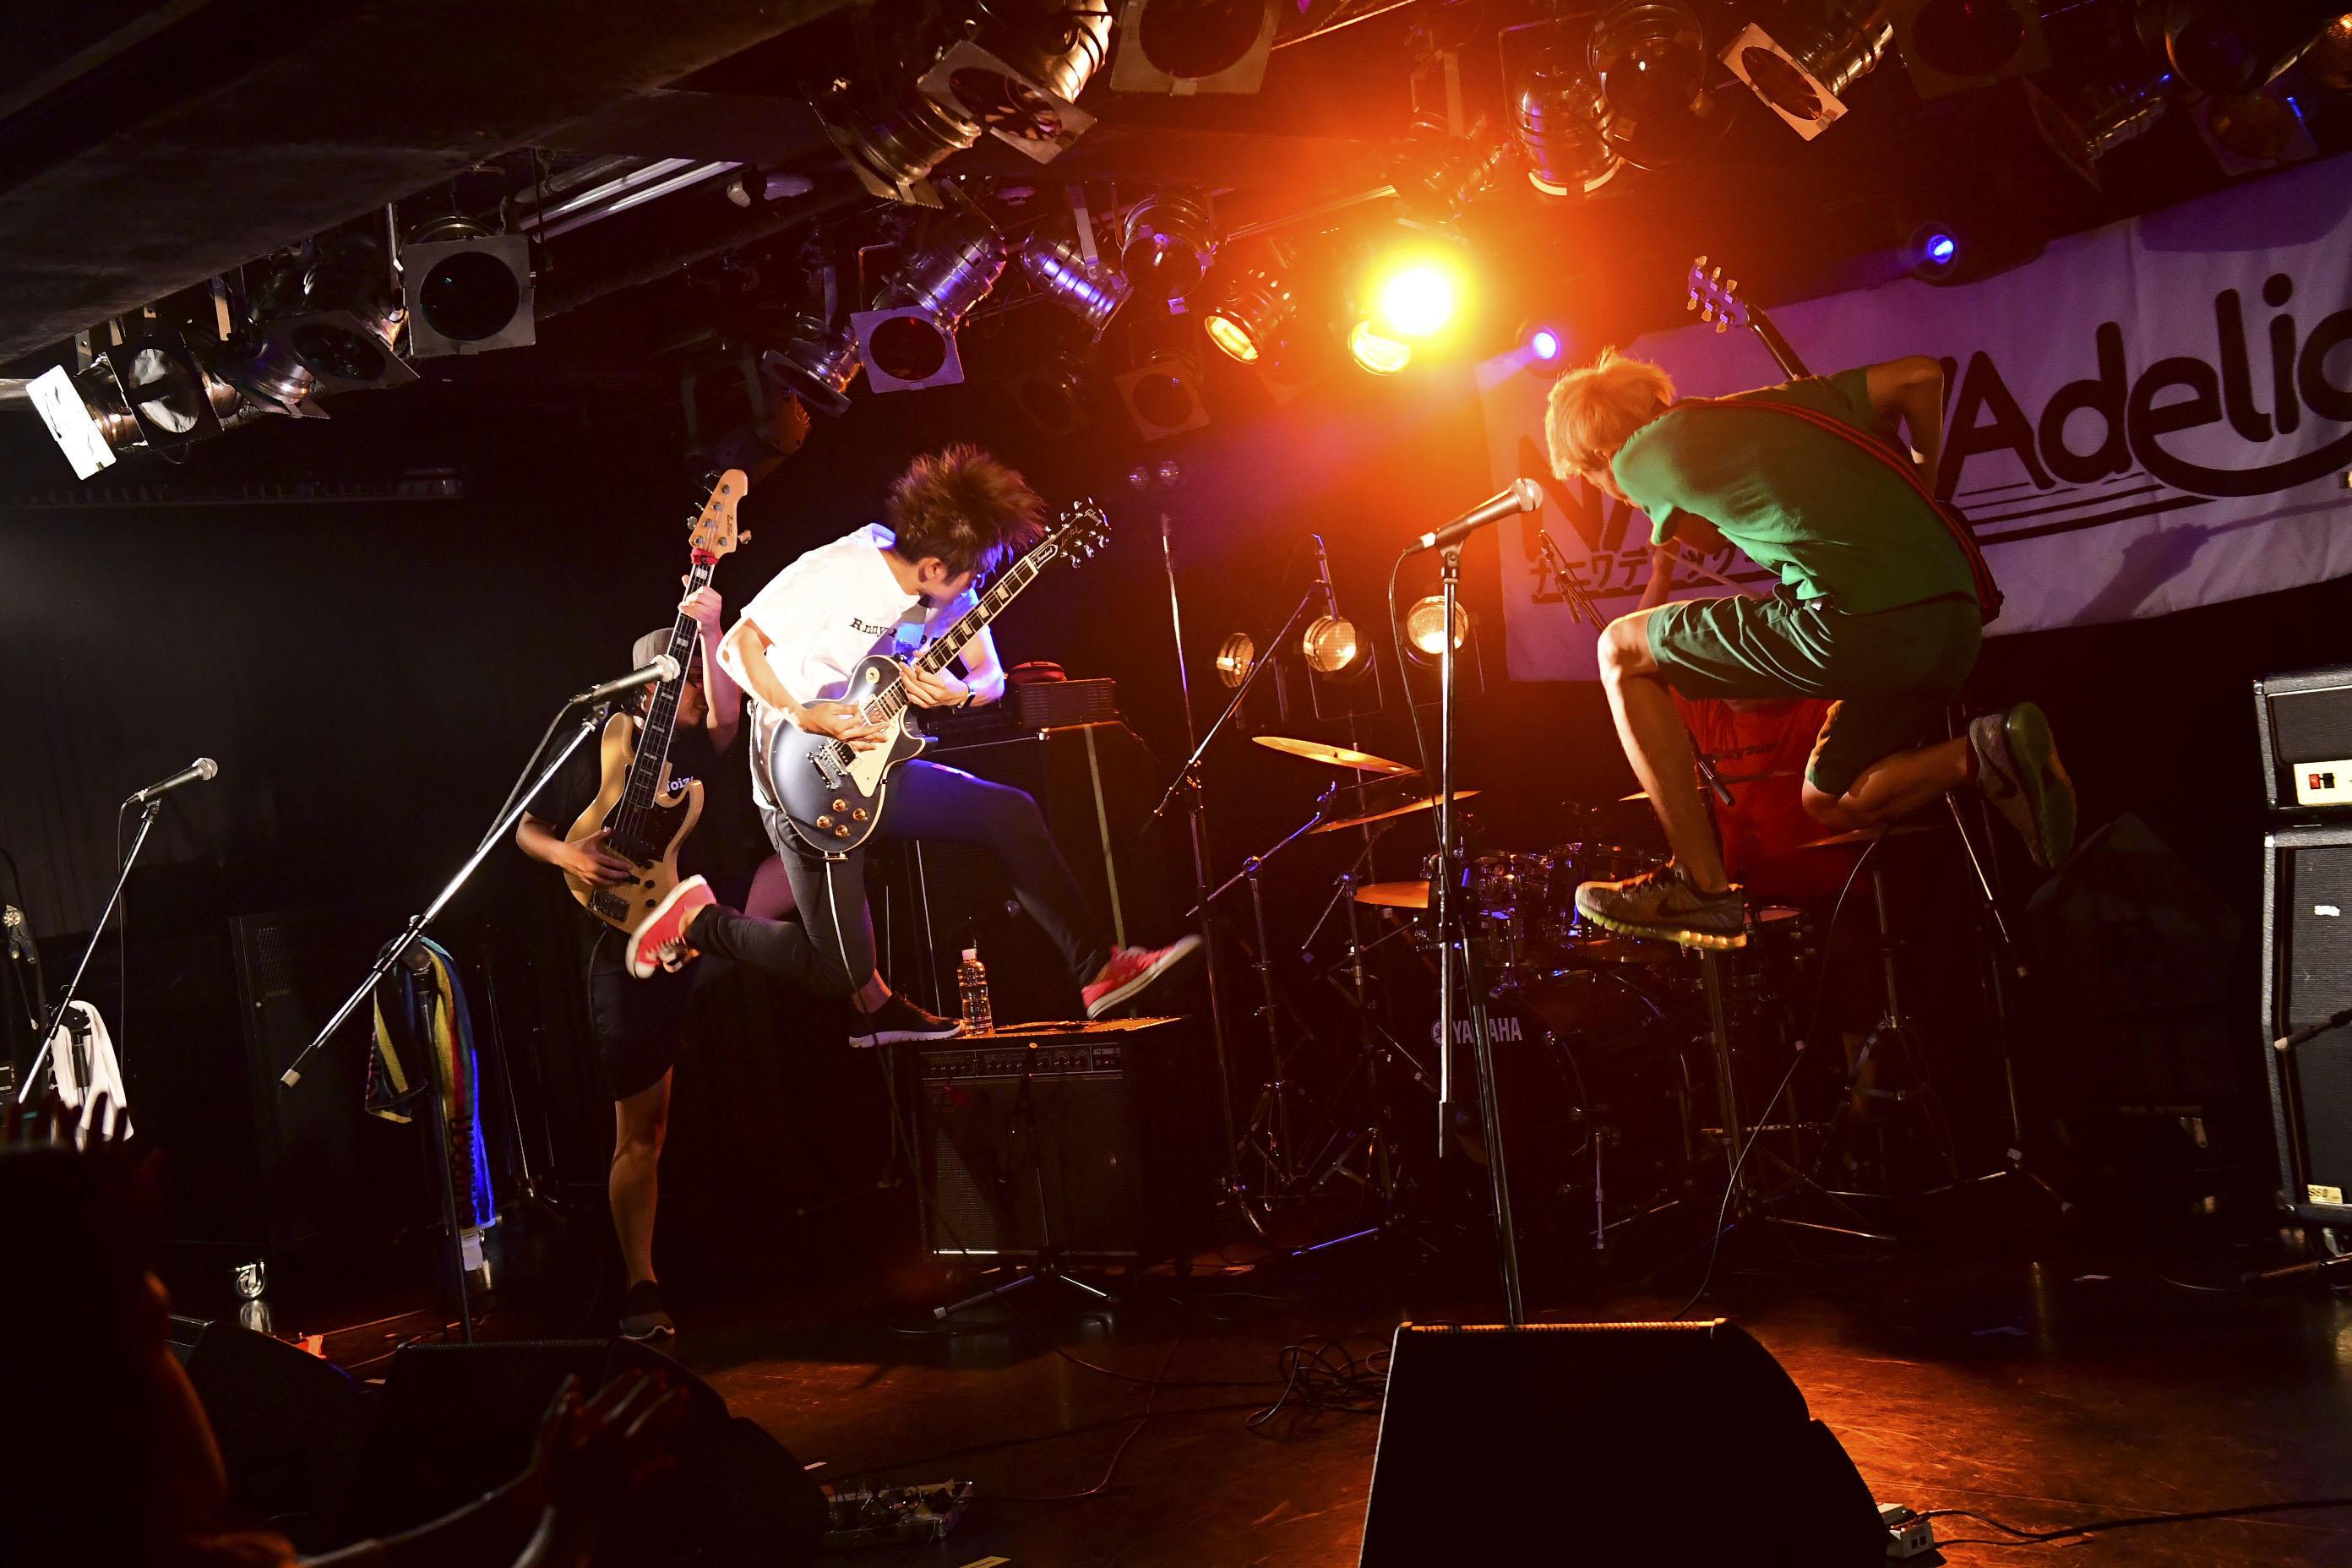 http://news.yoshimoto.co.jp/20170802095004-ec4e8a2667ec943e169441485a2f6a41e0c93f14.jpg